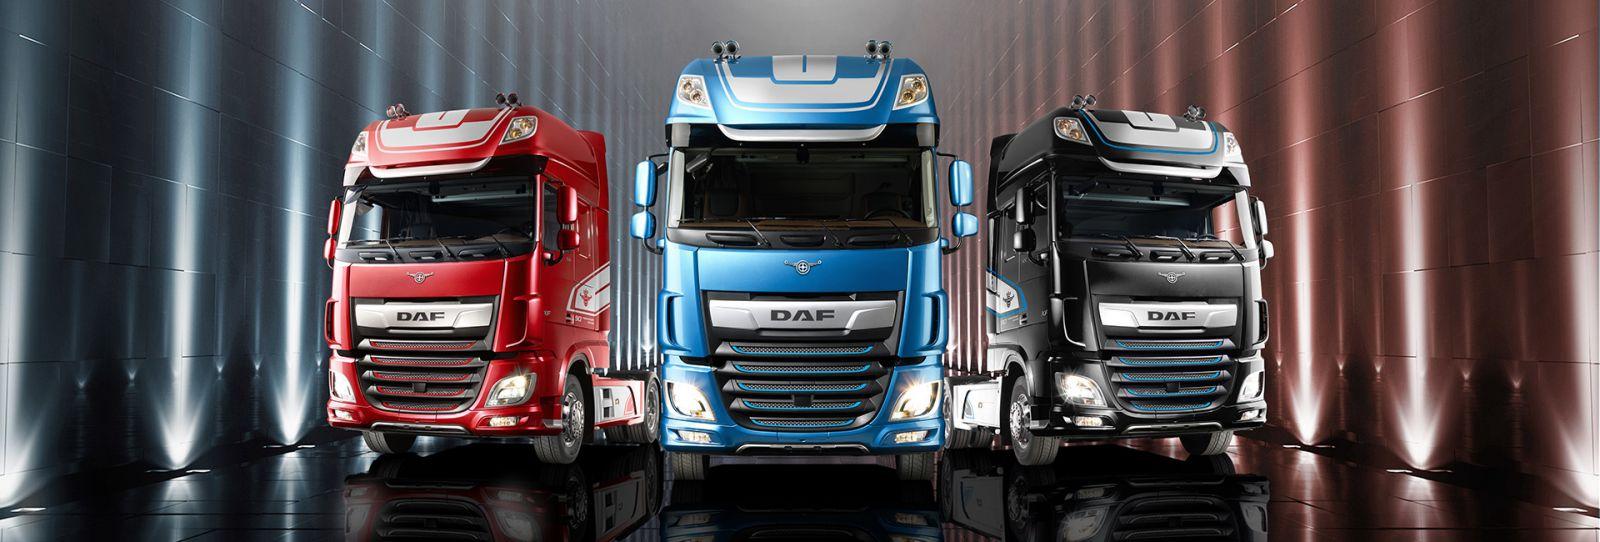 Картинки по запросу New DAF XF models